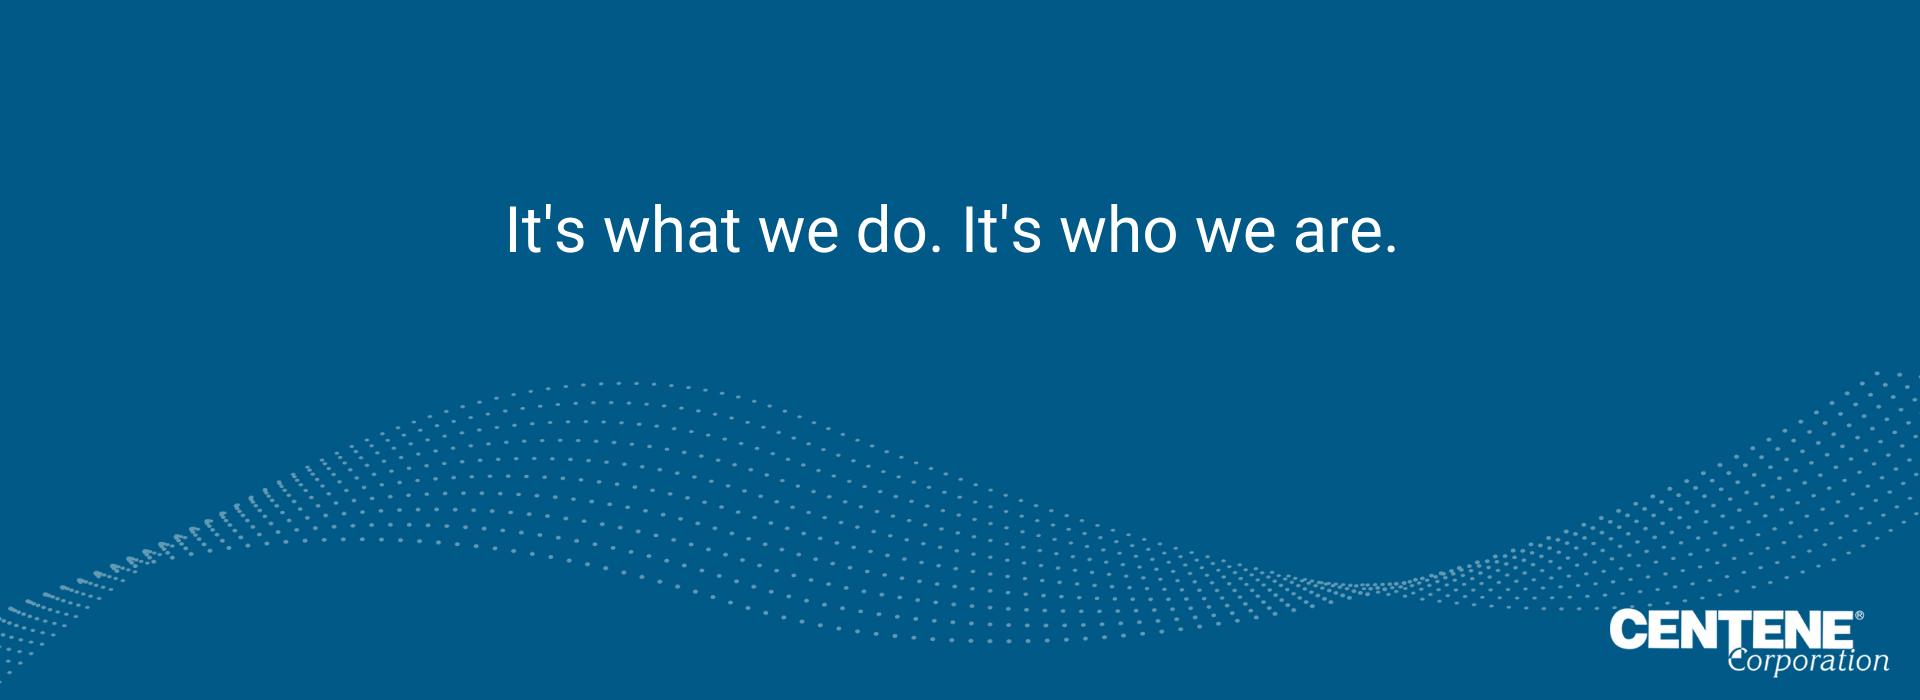 Text: It's what we do. It's who we are. Link to play video.